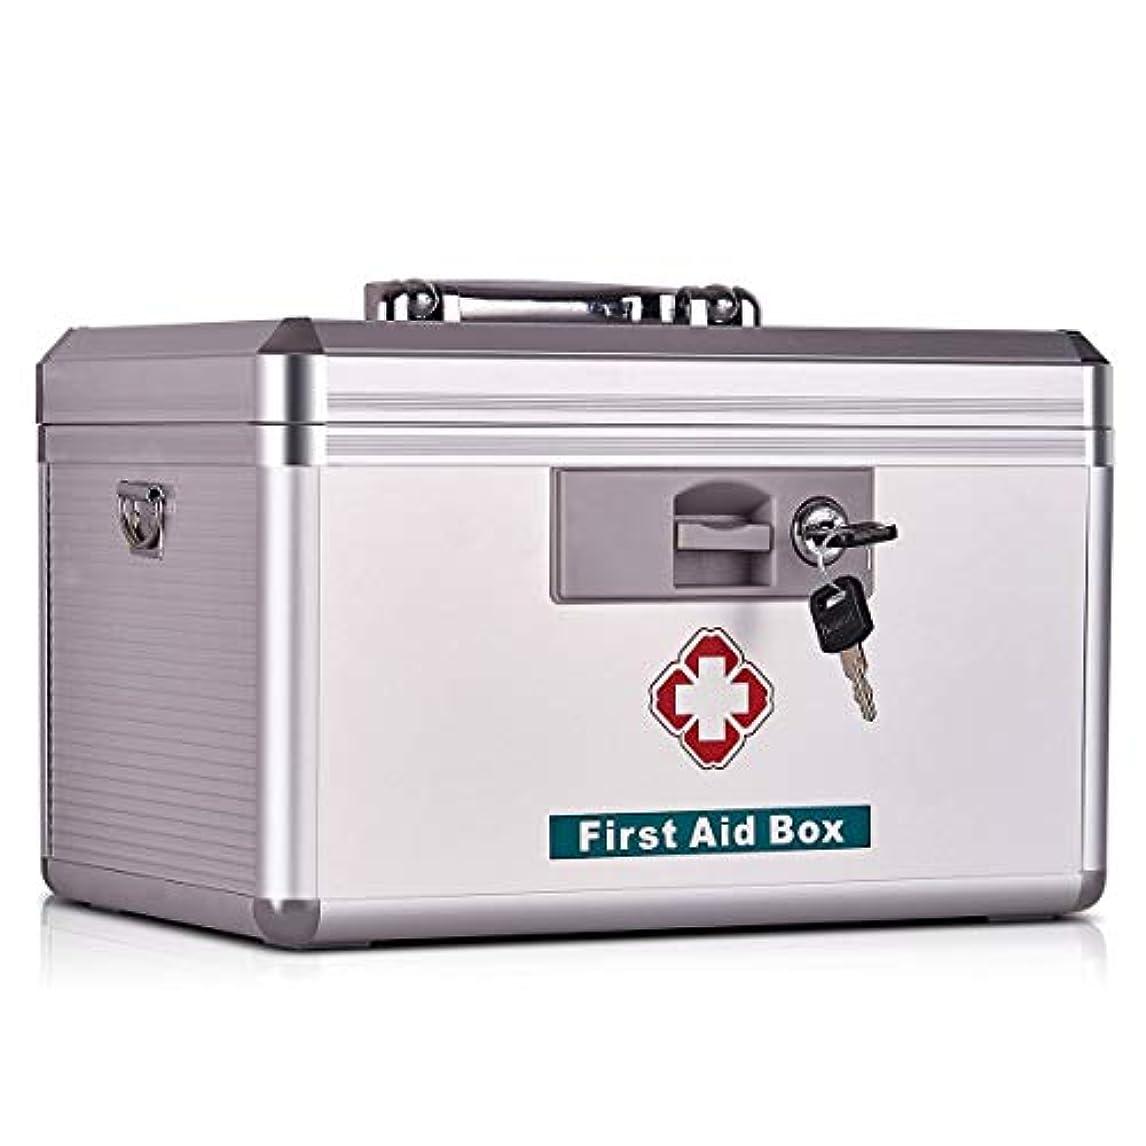 非効率的な民間人口述するJssmst(ジェスマット) 救急箱?救急セット 薬箱 医薬品貯蔵ボックス 医療箱 アルミニウム合金製 大容量 キーロック式 収納ボックス (M, シルバー)